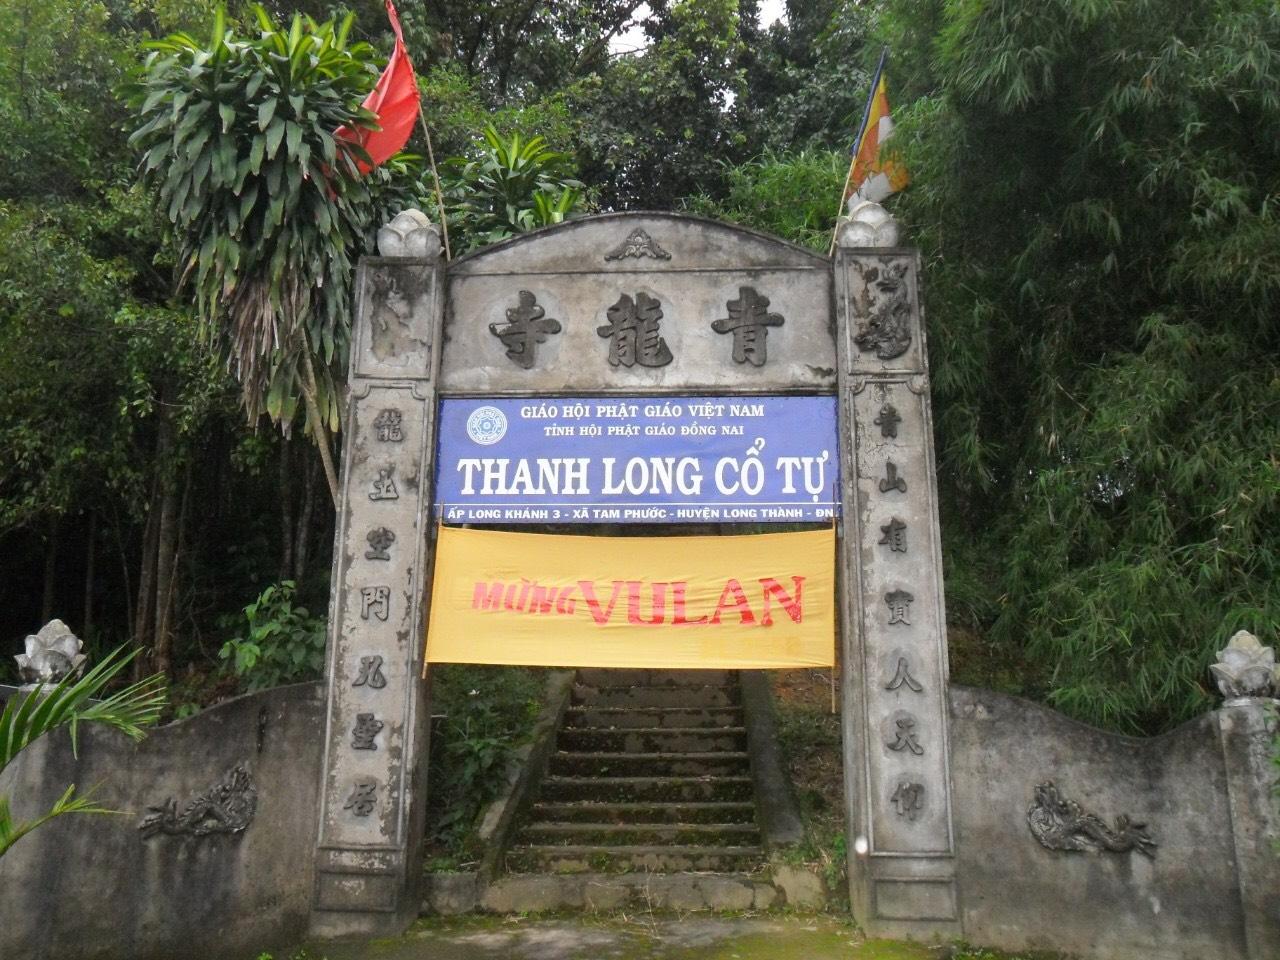 Chùa Thanh Long Cổ Tự phường Tam Phước